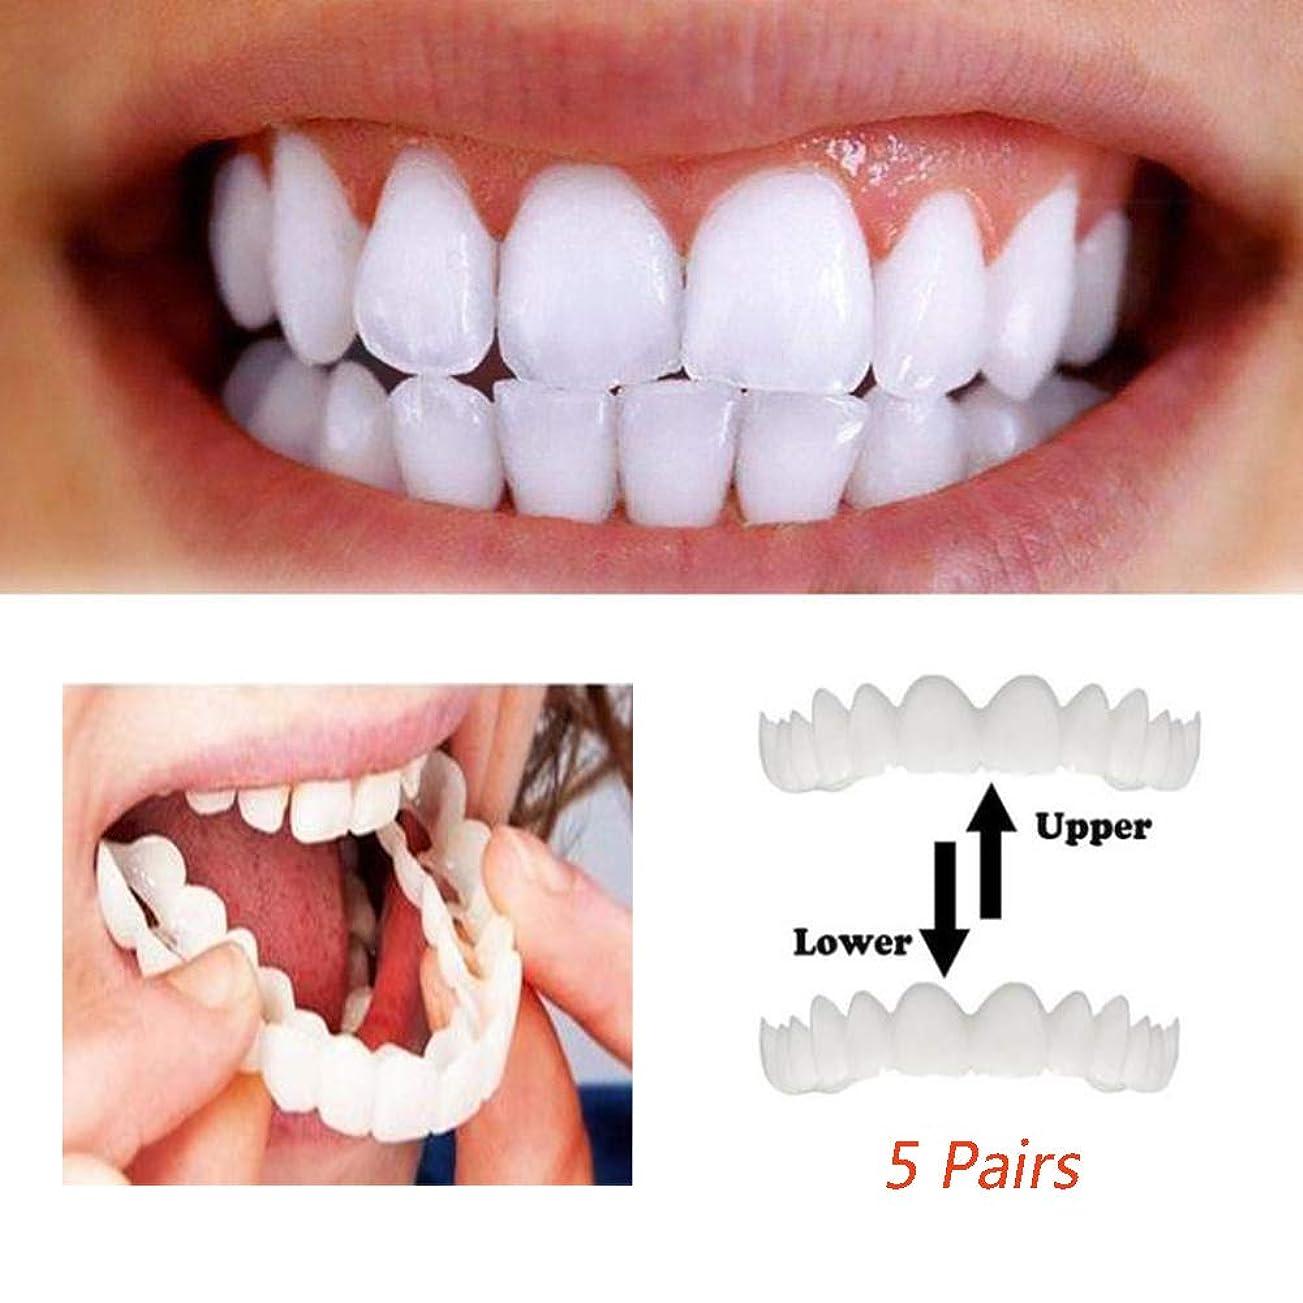 ボタン通行人贅沢な5ペア完璧な笑顔歯の快適さフィットフレックスフィットスナップ最も快適な偽造歯上部と底偽の歯ワンサイズ(上+下)